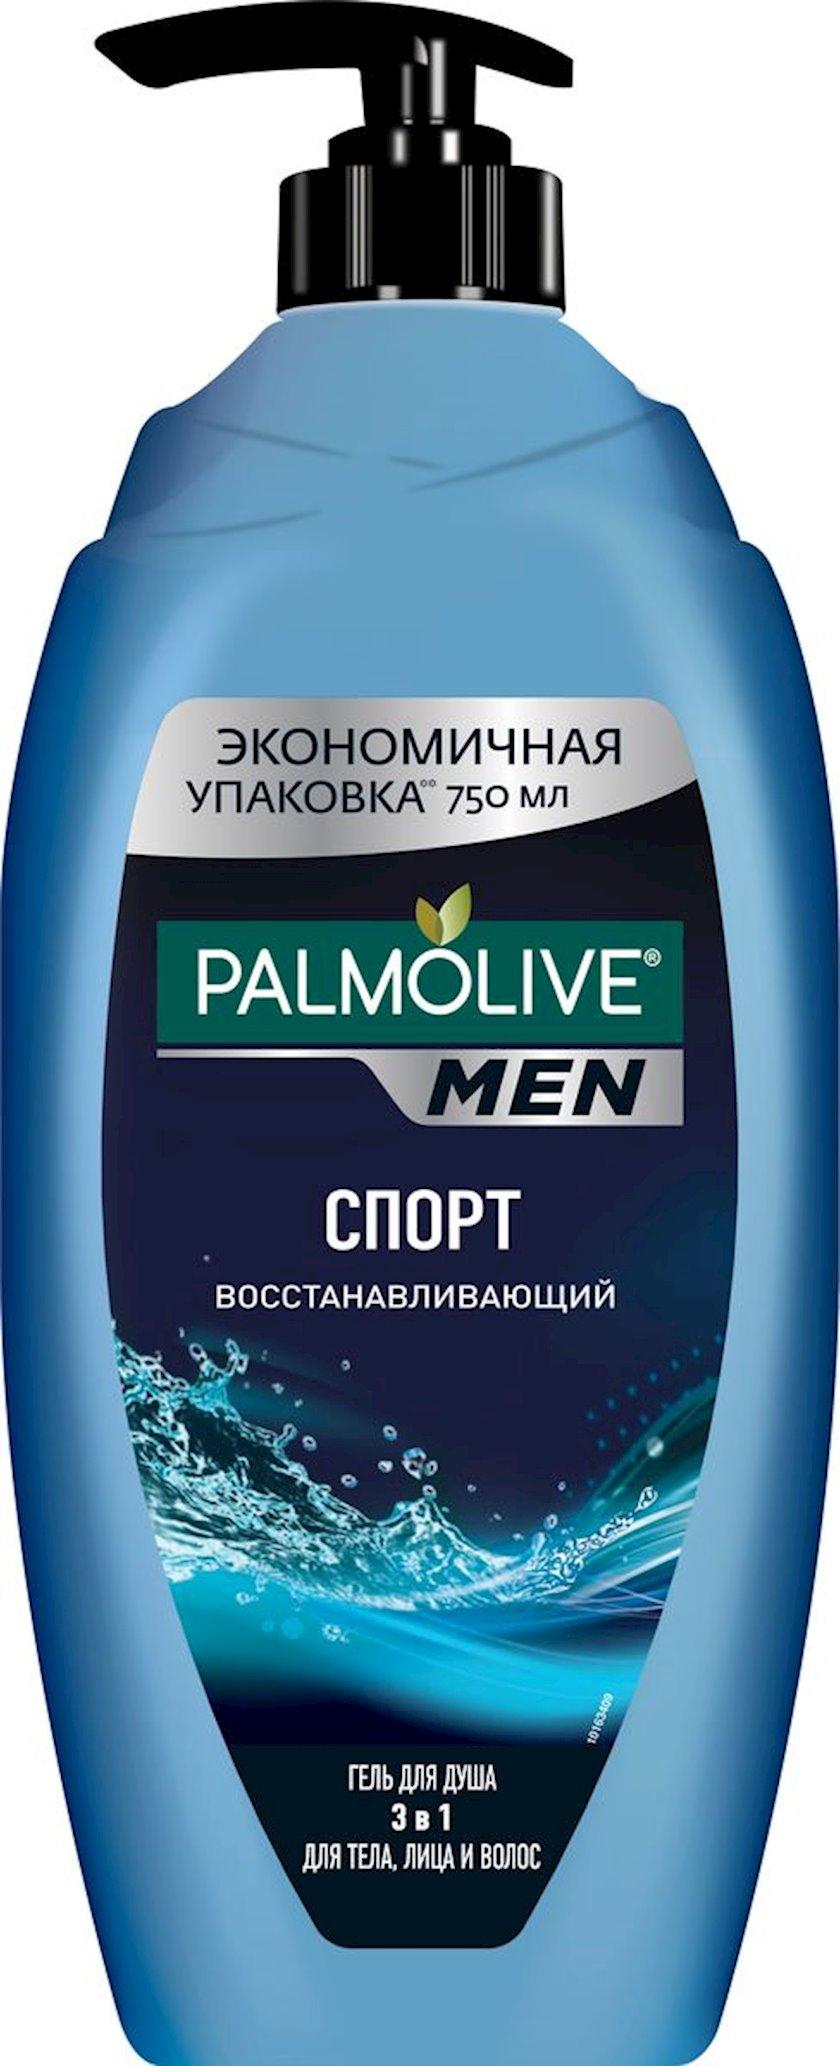 Duş üçün gel və şampun Palmolive Men  3-ü 1-də İdman, bərpa edici kişilər üçün, 750 ml